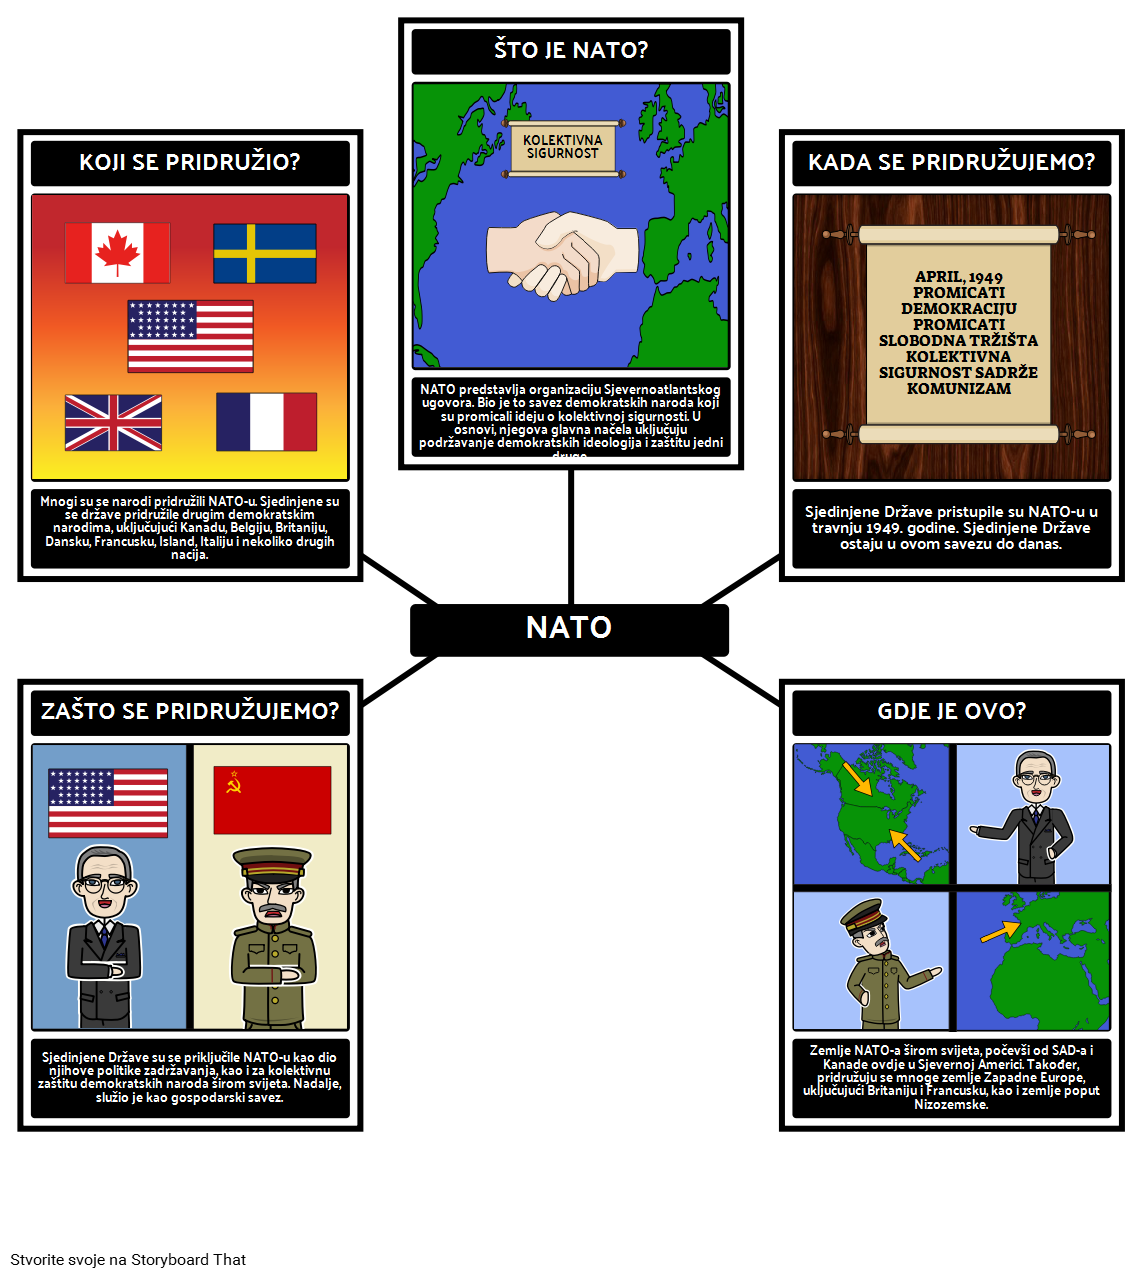 Predsjedništvo Truman - 5 W NATO-a